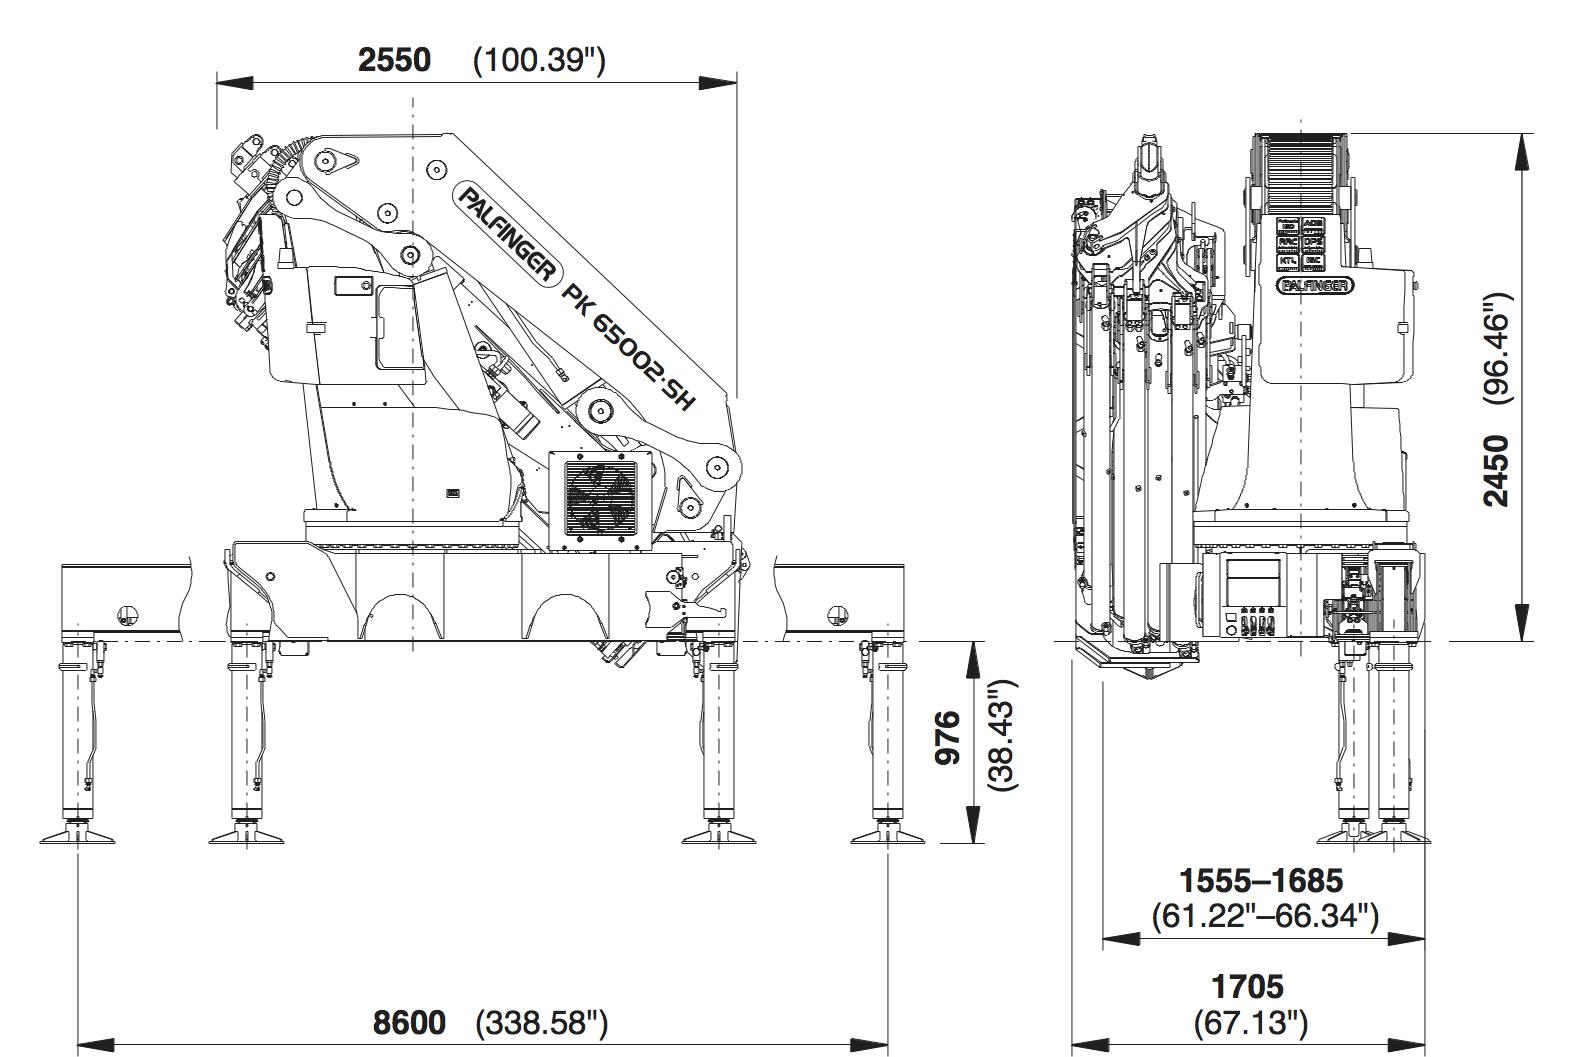 palfinger wiring diagrams rj48x jack wiring